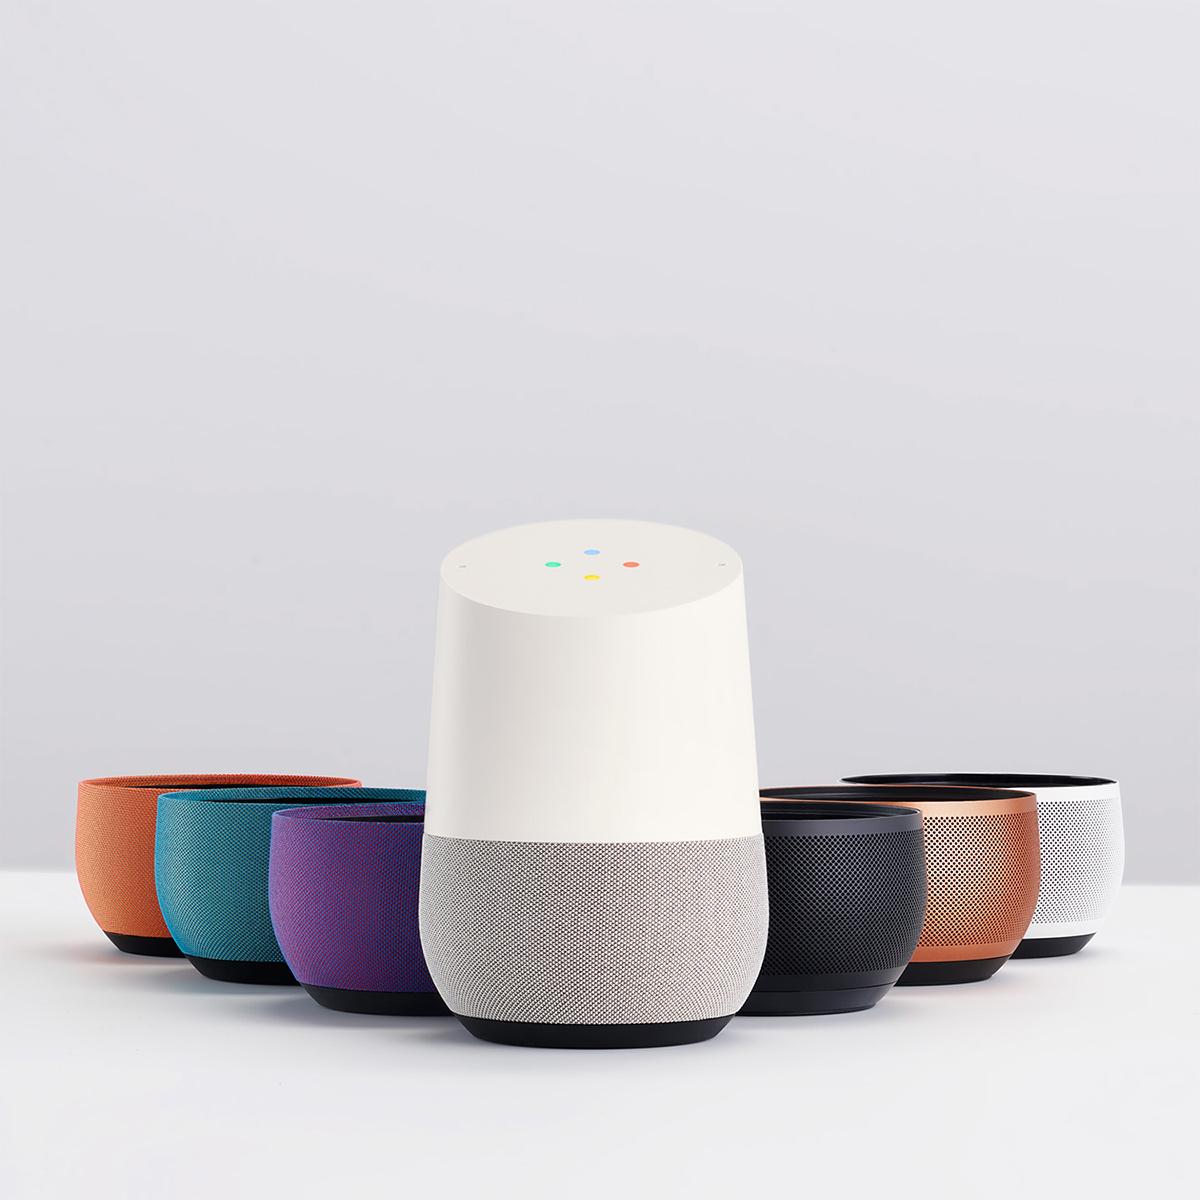 Google Home - Accessoires